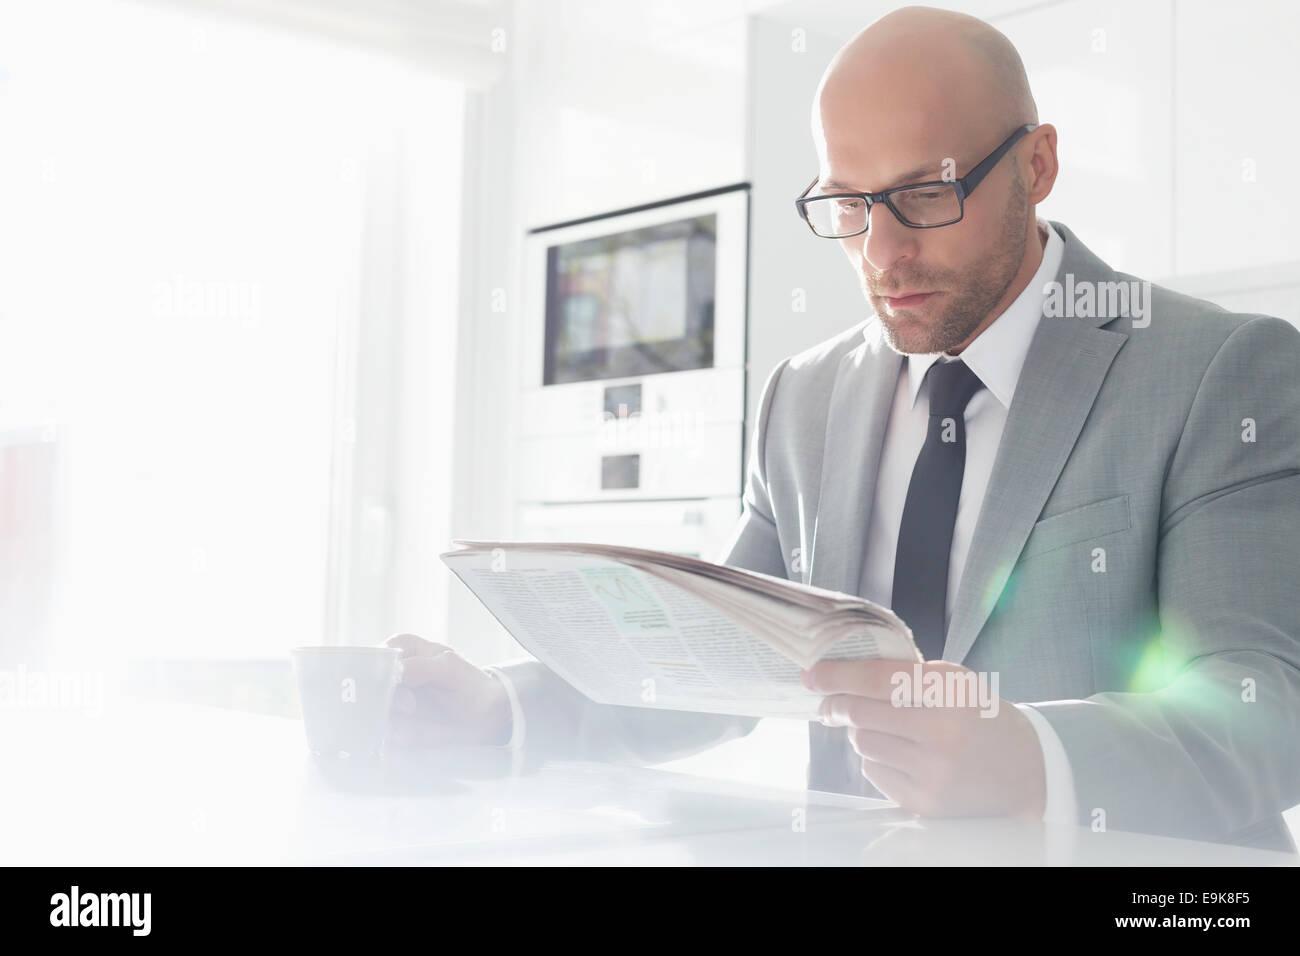 Adulto medio empresario con café mientras leen el periódico en casa Imagen De Stock